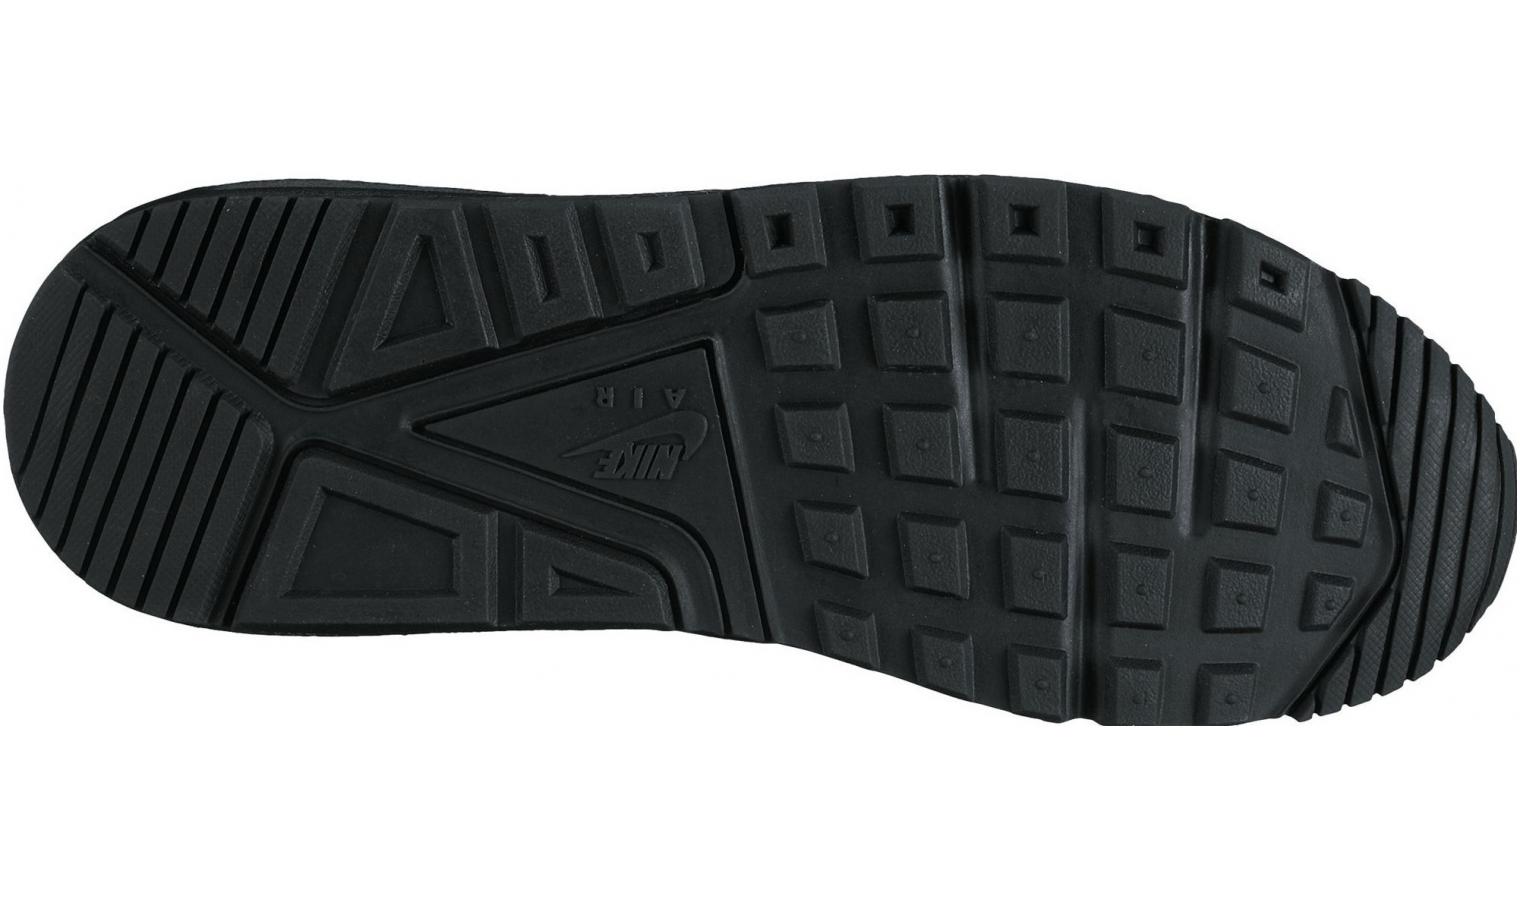 Pánske topánky Nike MEN S NIKE AIR MAX IVO LEATHER SHOE čierne  e5278f82a52